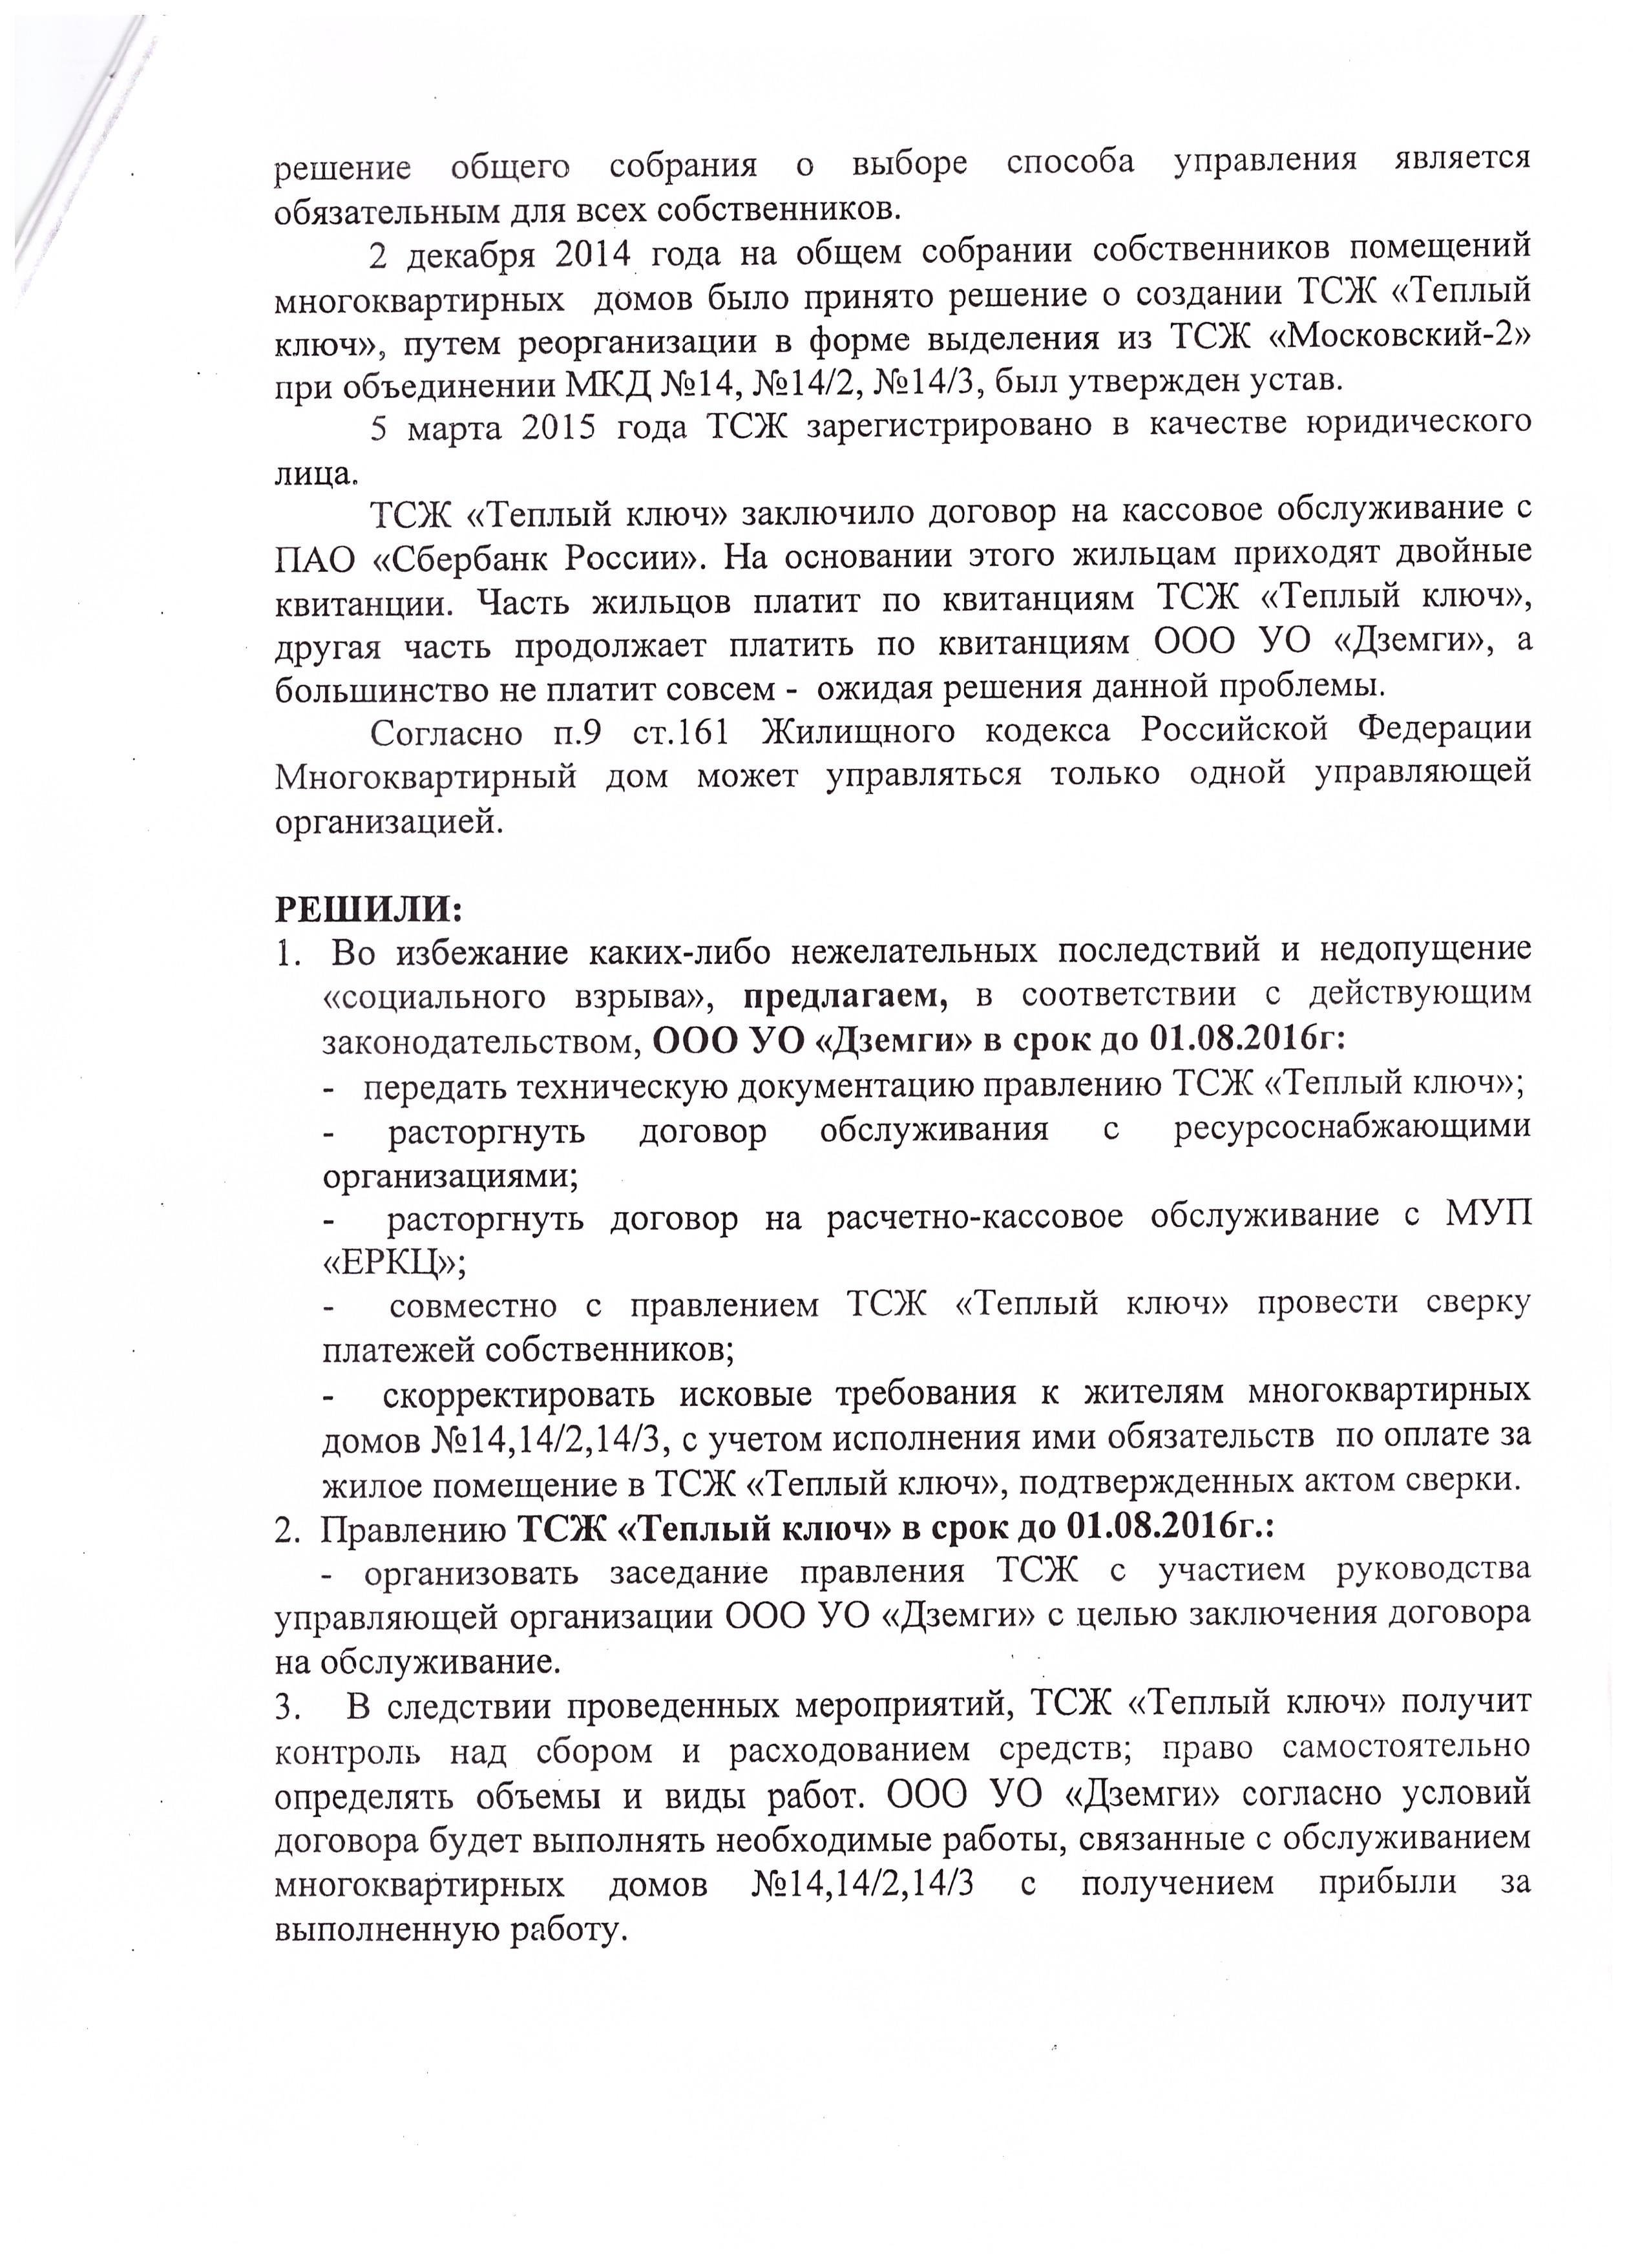 соглашение с.2 001